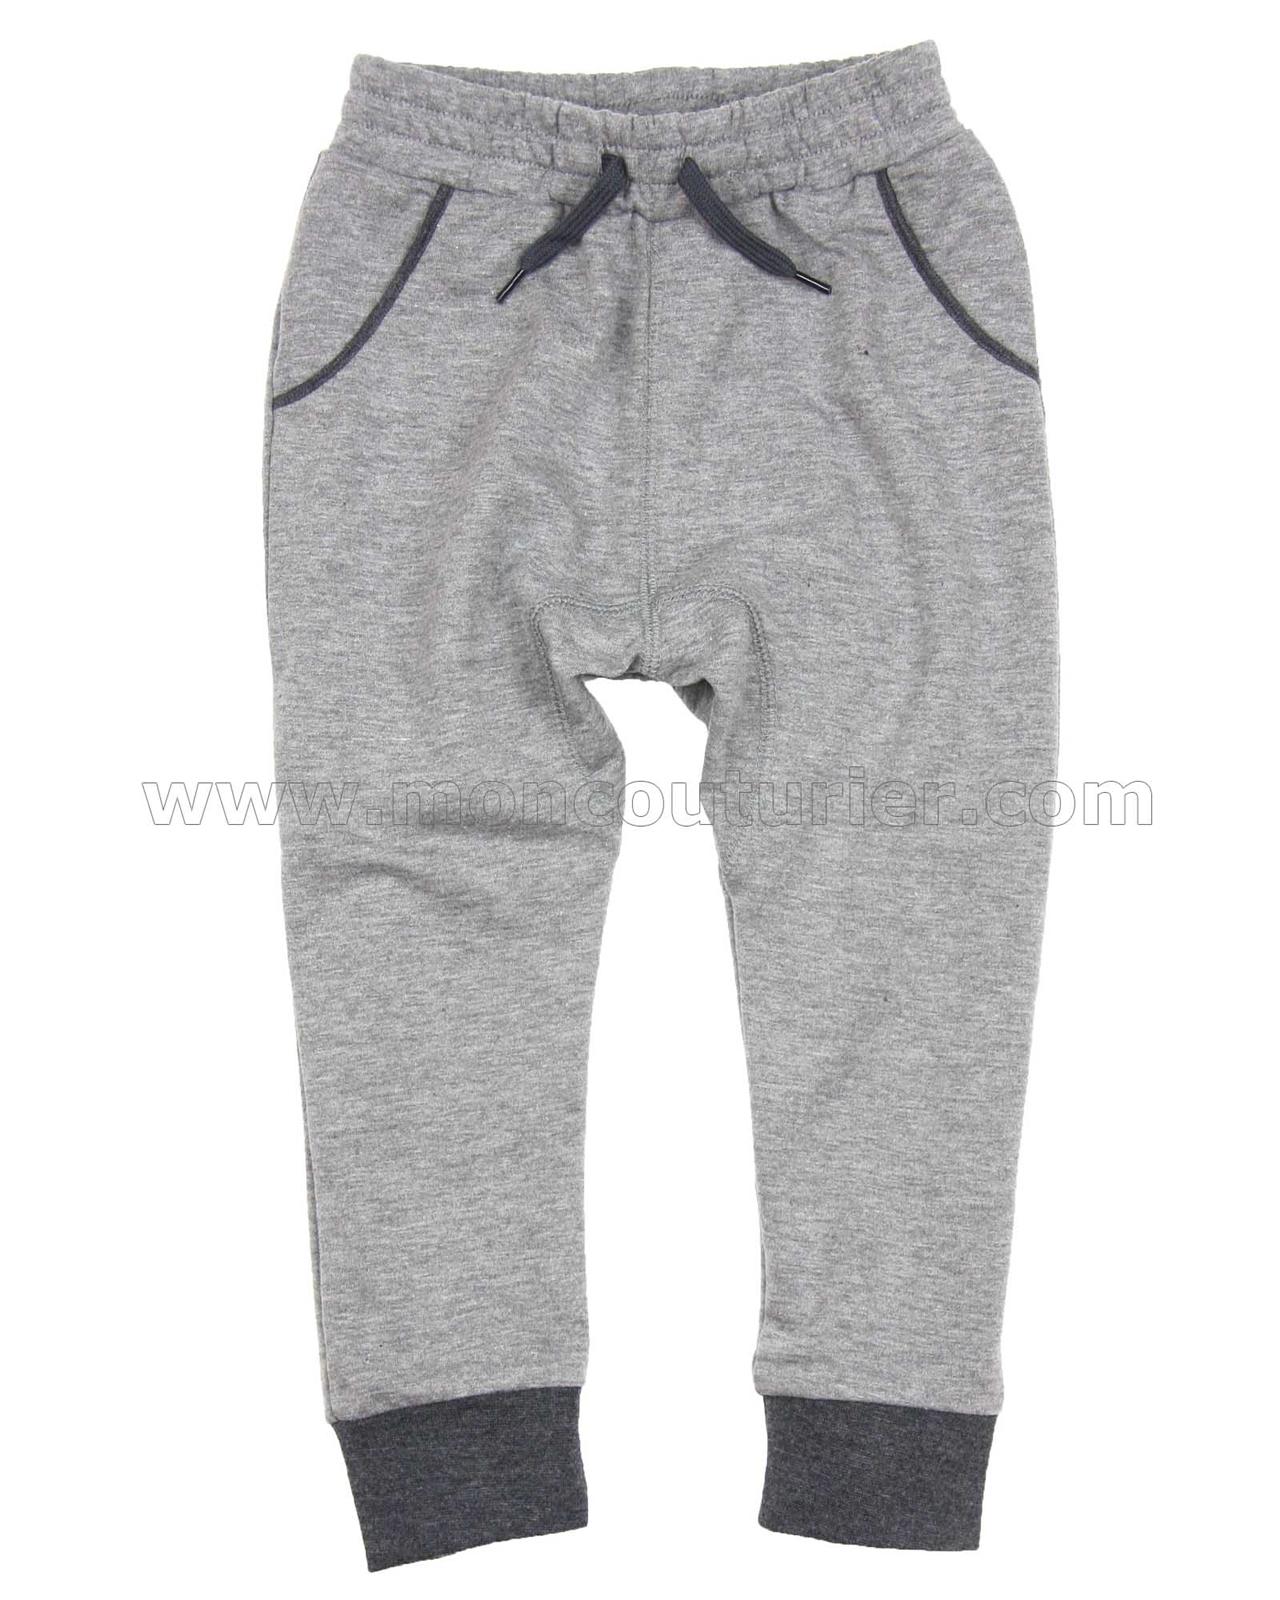 Deux par Deux Boys Twill Shorts Bugs Bebop Sizes 18M-6